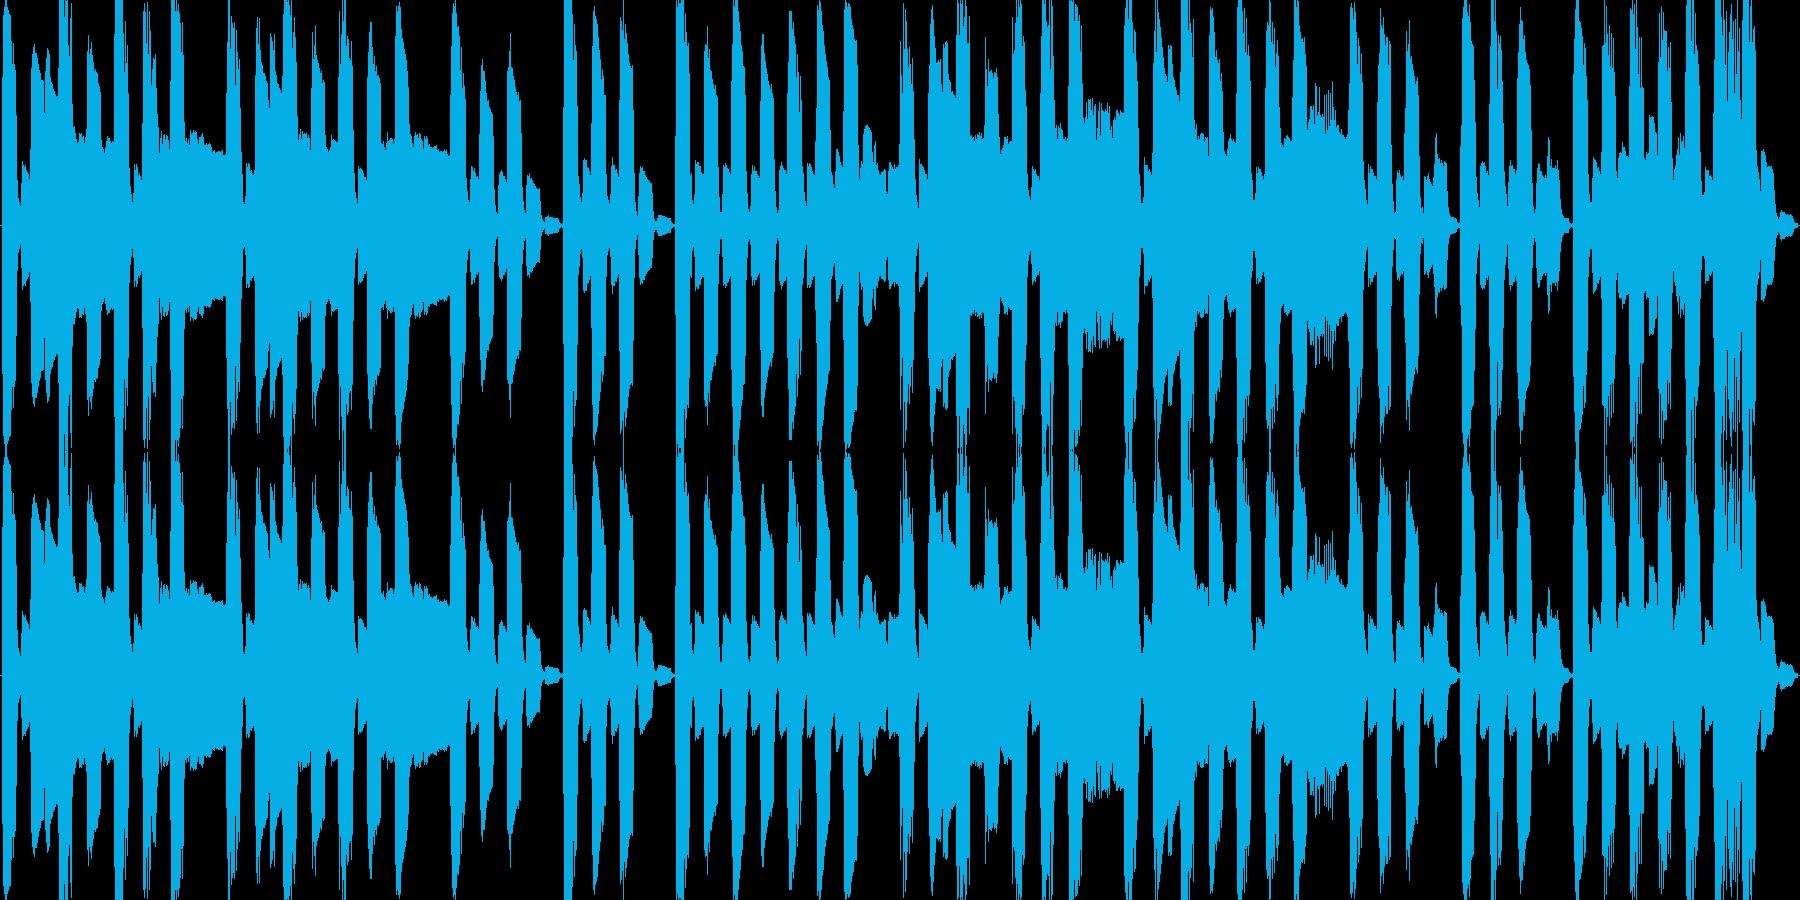 ぽよぽよした感じのBGMの再生済みの波形